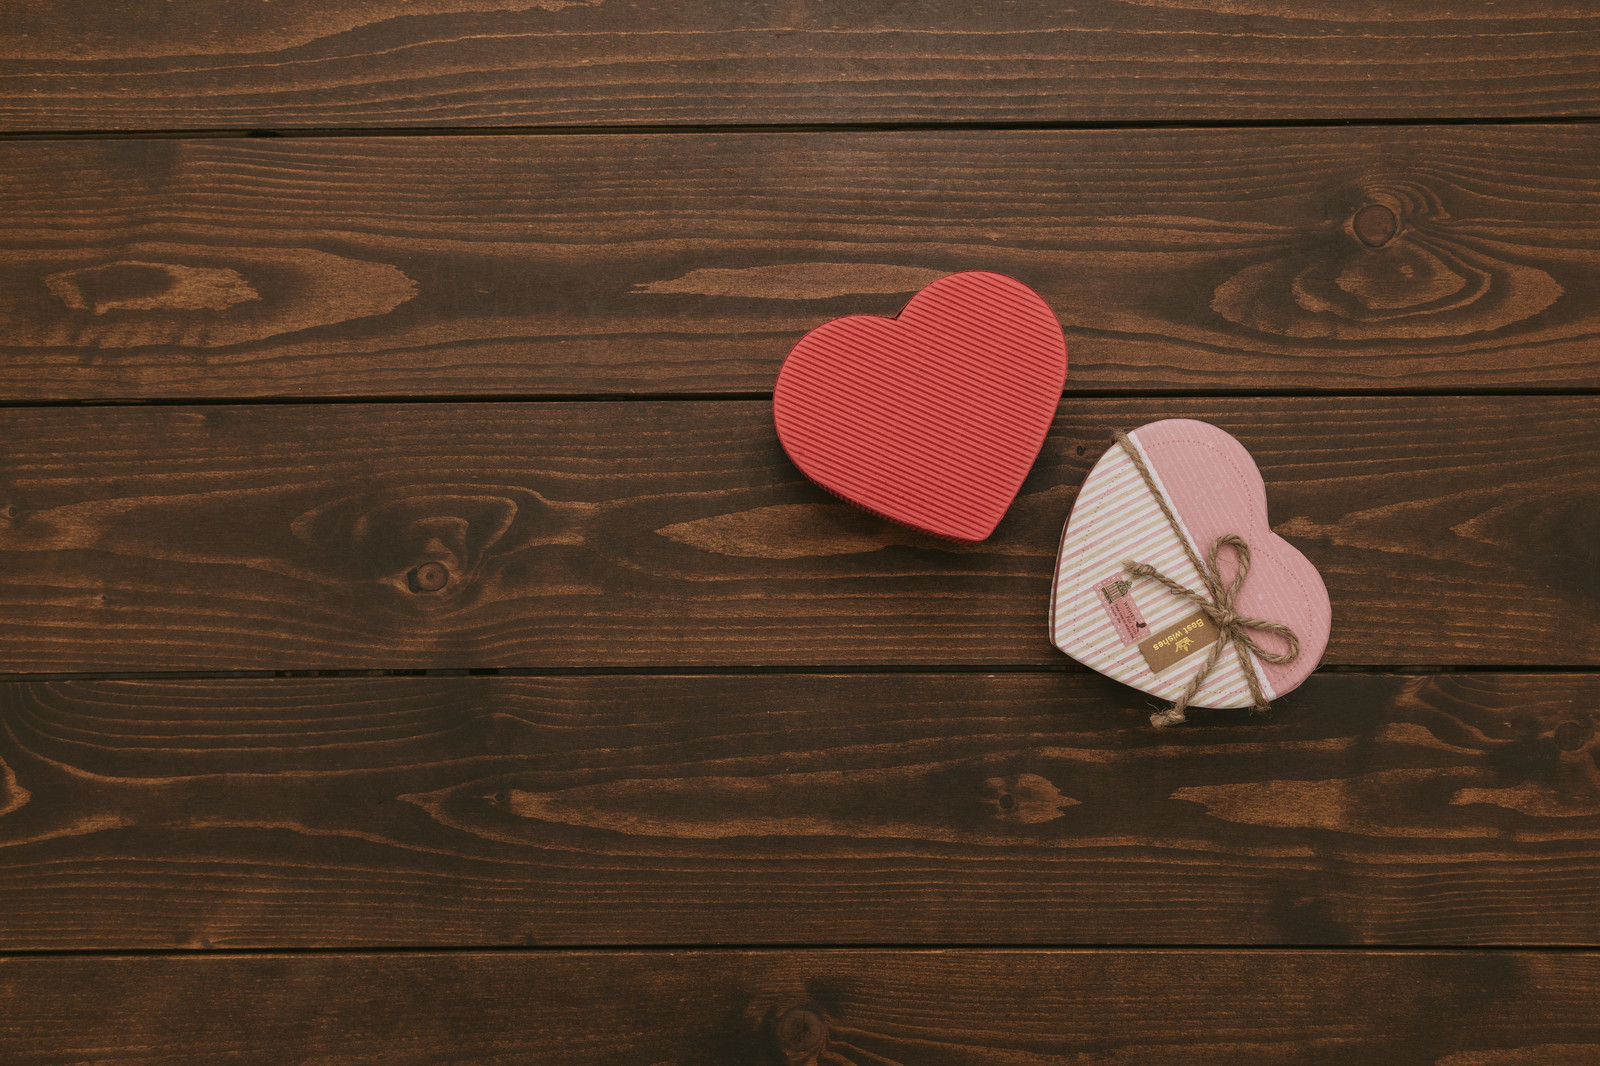 「バレンタインのハートバレンタインのハート」のフリー写真素材を拡大